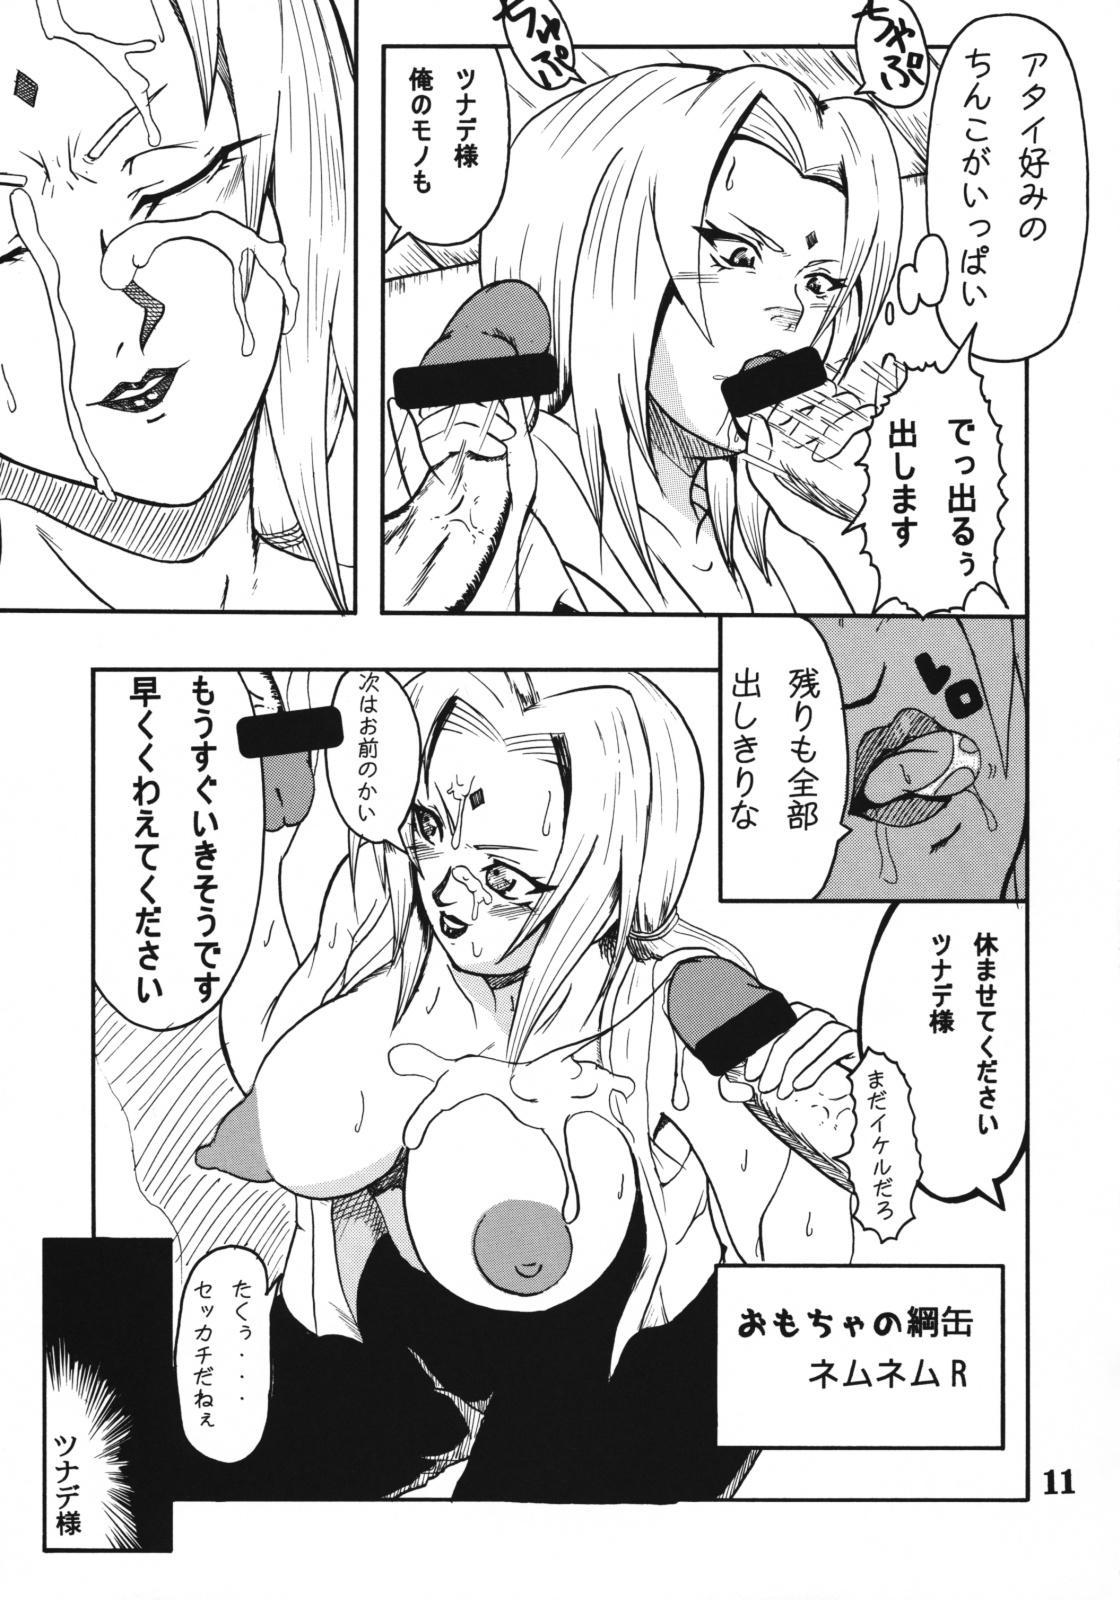 Koki no Tane 9